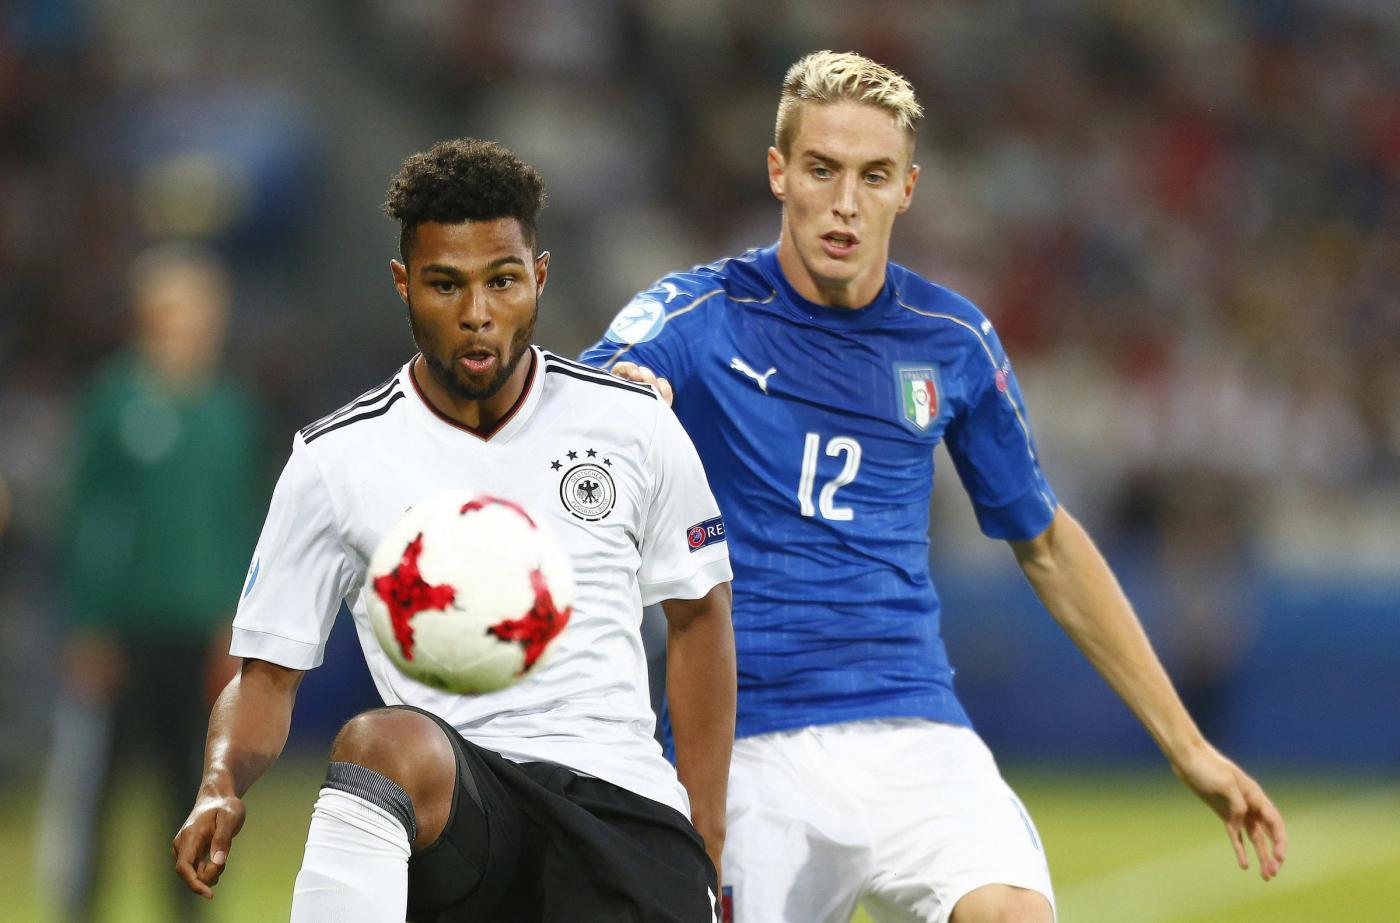 Ufficiale: Milan, Conti è un calciatore rossonero